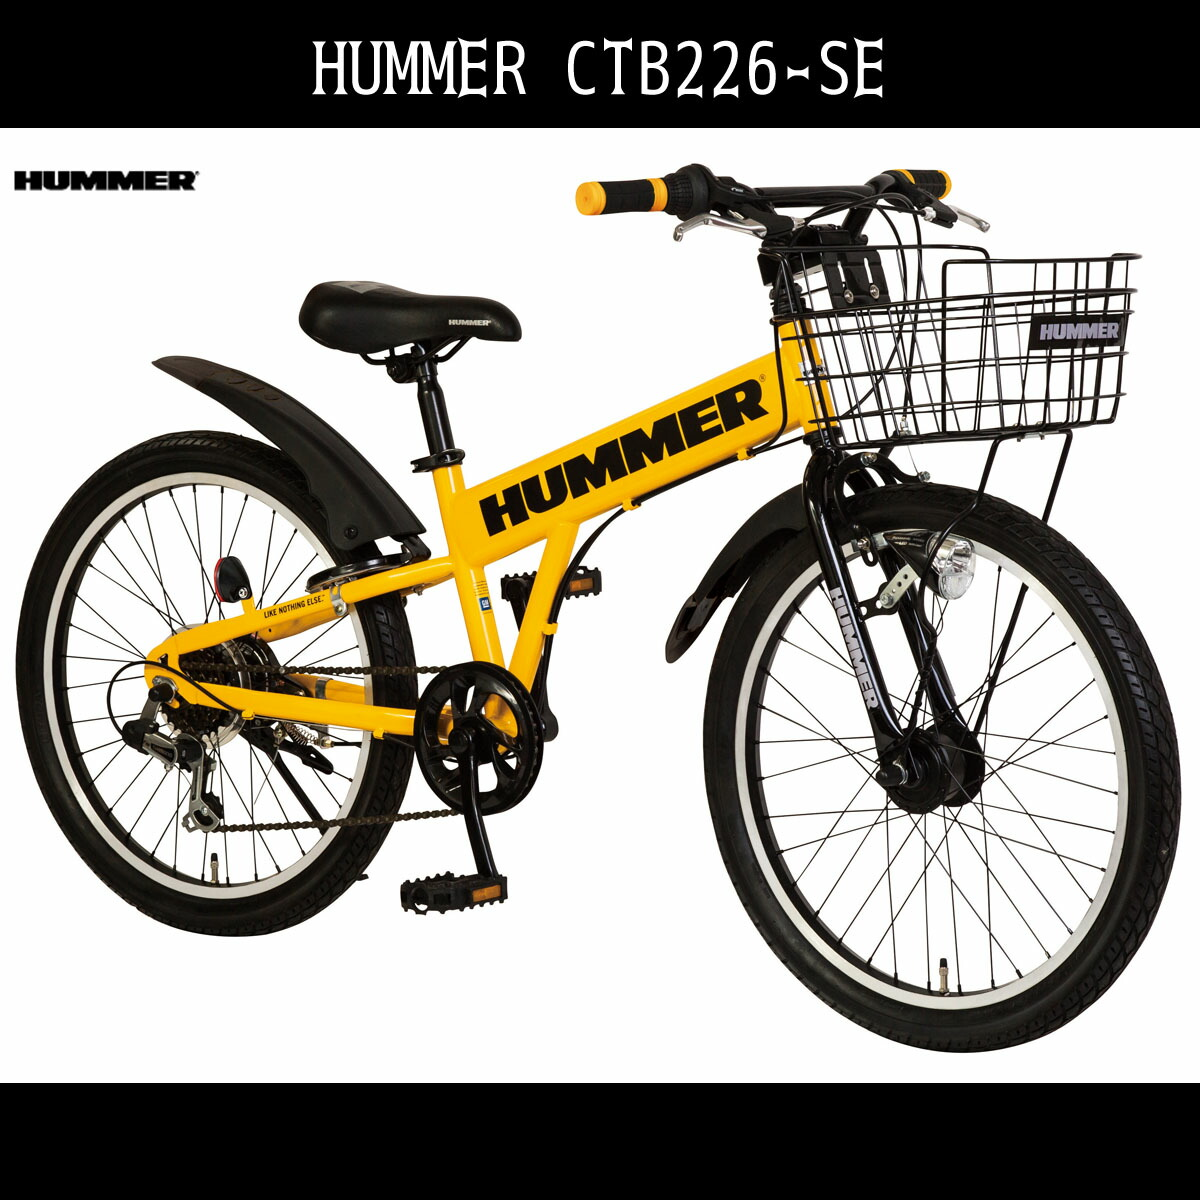 子供用 マウンテンバイク ハマー HUMMER 自転車 子ども 自転車 イエロー 黄色 22インチ 自転車 外装6段変速ギア LEDオートライト 泥除け かご付 鍵付 HUMMER マウンテンバイク ハマー 自転車 CTB226-SE 男の子 激安キッズ 自転車 ジュニア